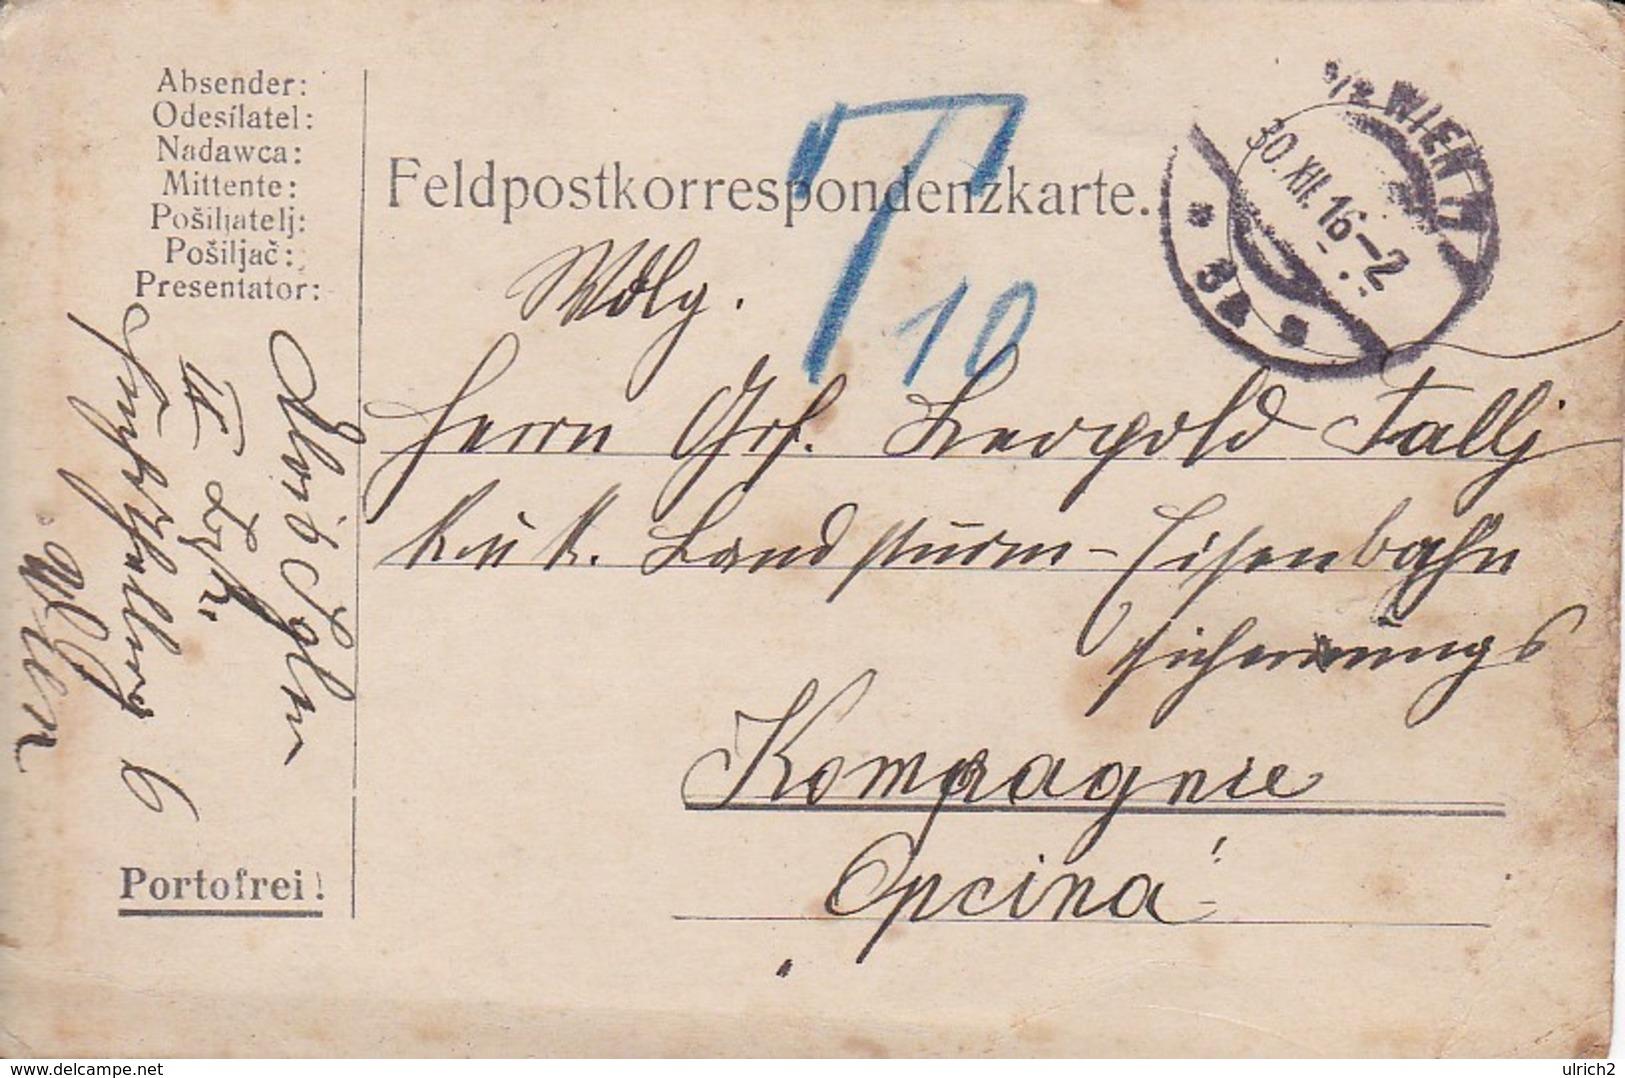 Feldpostkarte Wien Nach K.u.k. Landsturm Eisenbahn Sicherungs Komp In Opcina  - 1916 (39324) - 1850-1918 Imperium